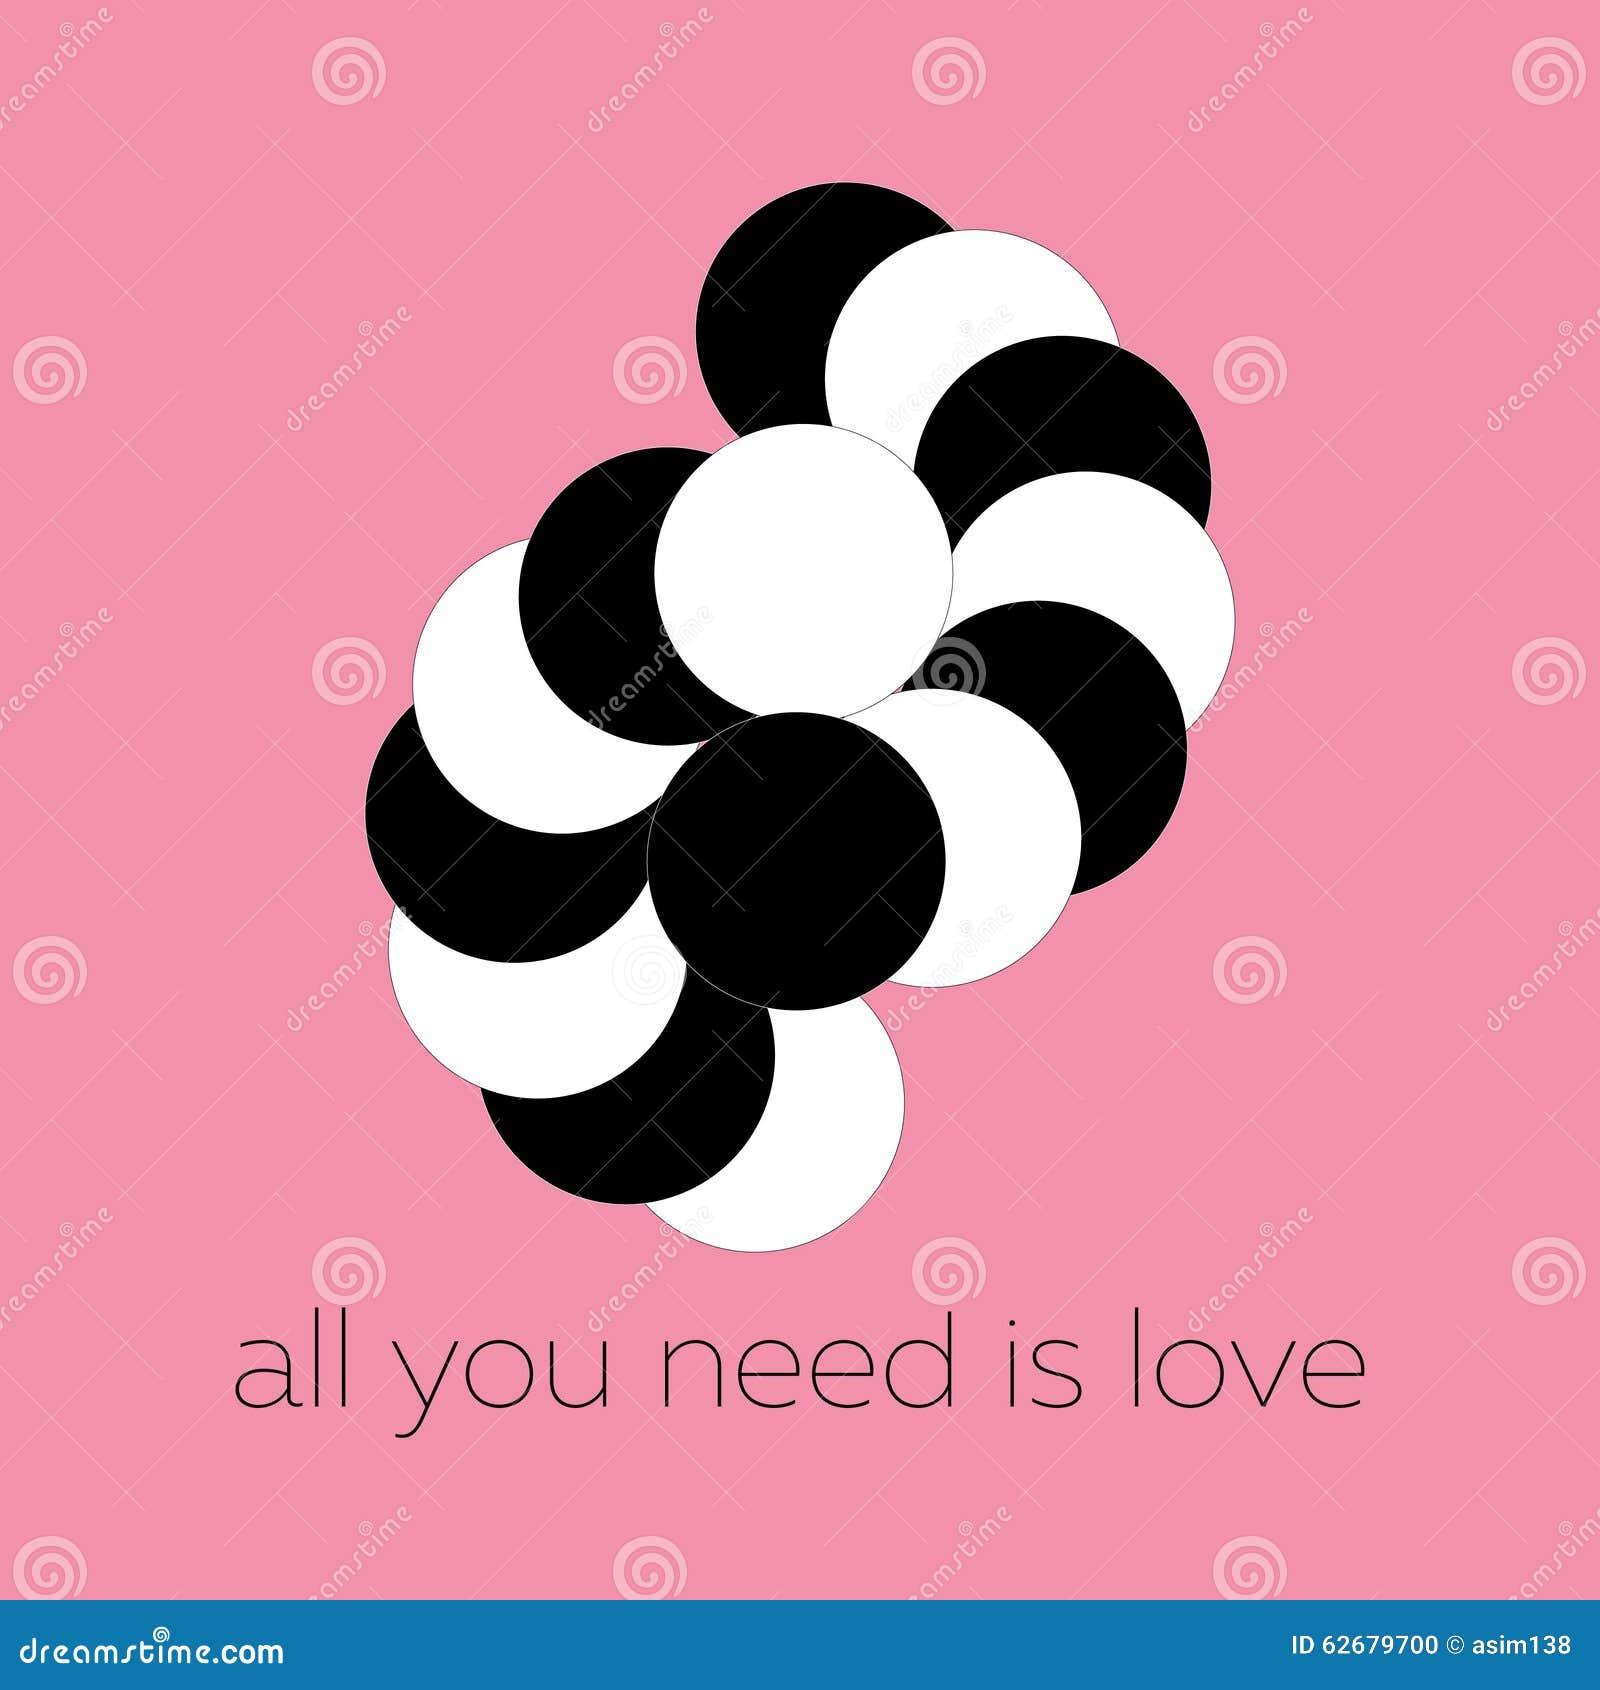 Vector die abstrakten Schwarzweiss-Kreise, die ein umarmendes Paar formen